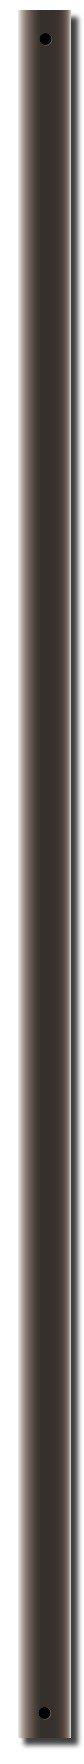 Tige Pour Ventilateur – Canarm – DR2413